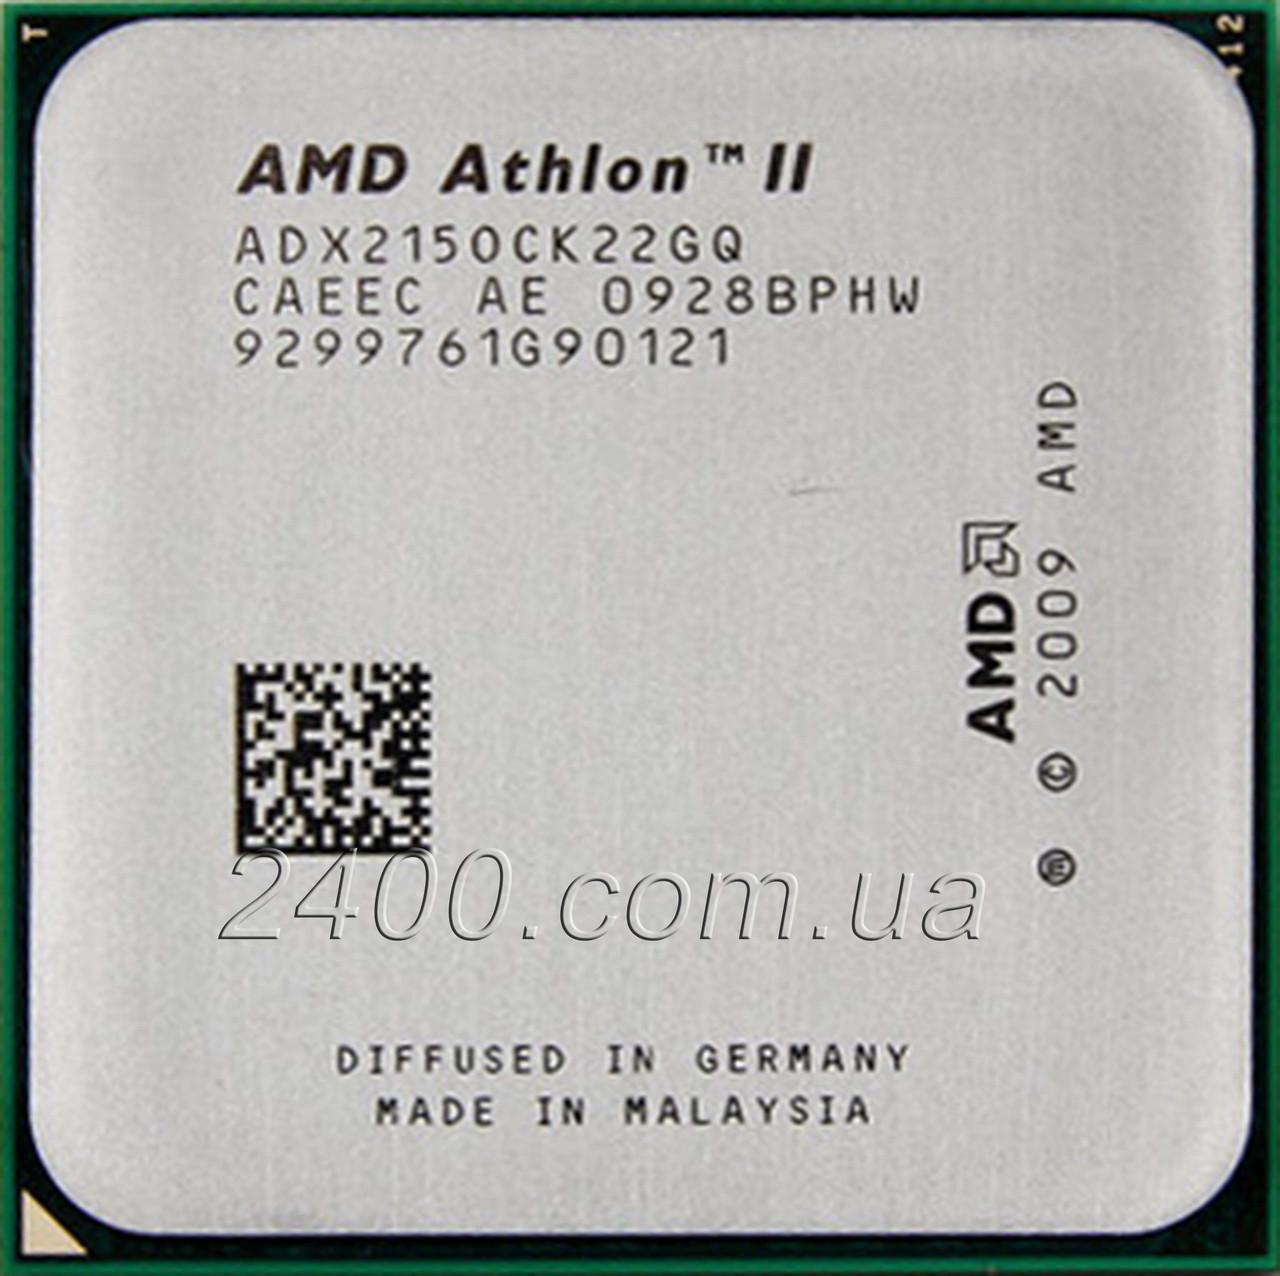 Процессор AMD Athlon II X2 215 2.7GHz (ADX215OCK22GQ) Socket AM3/ AM2+